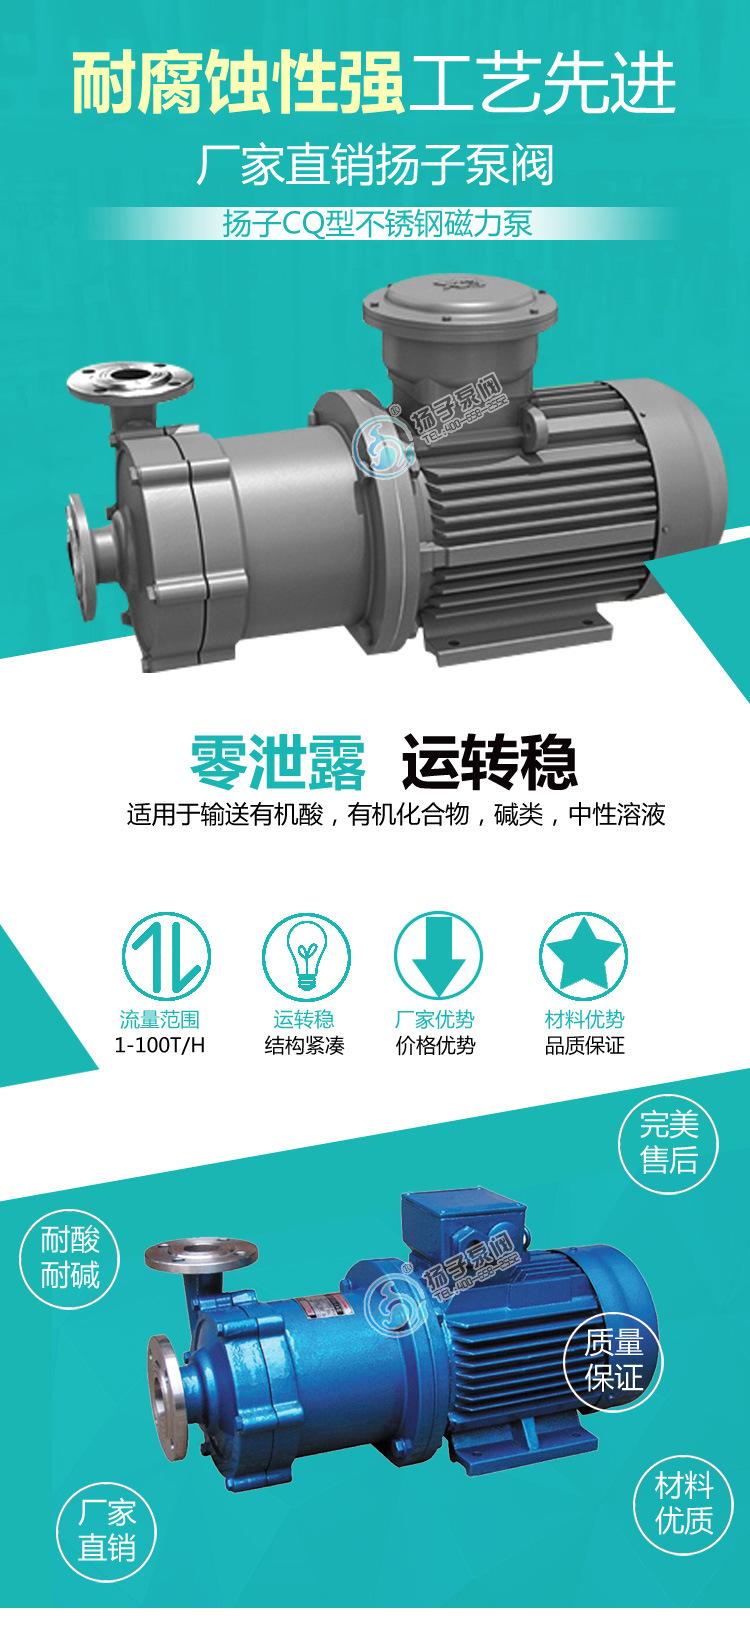 50CQ-50磁力循环泵 cq不锈钢防爆食品级医用防腐蚀无泄漏磁力水泵示例图1